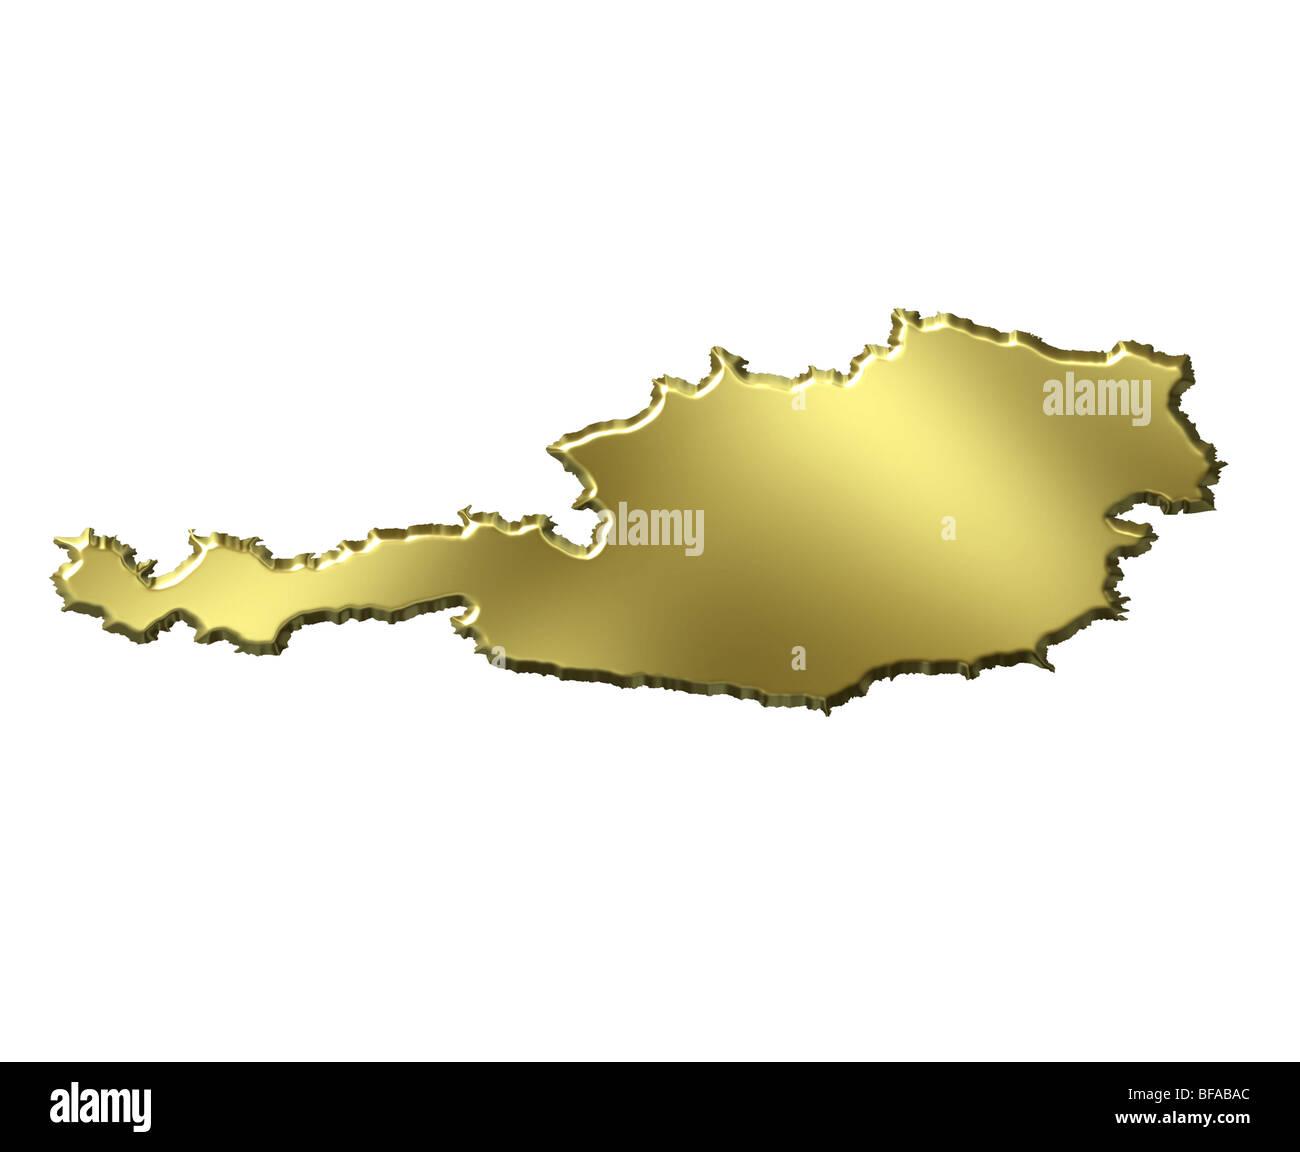 3d Karte Osterreich.Osterreichische Karte Stockfotos Osterreichische Karte